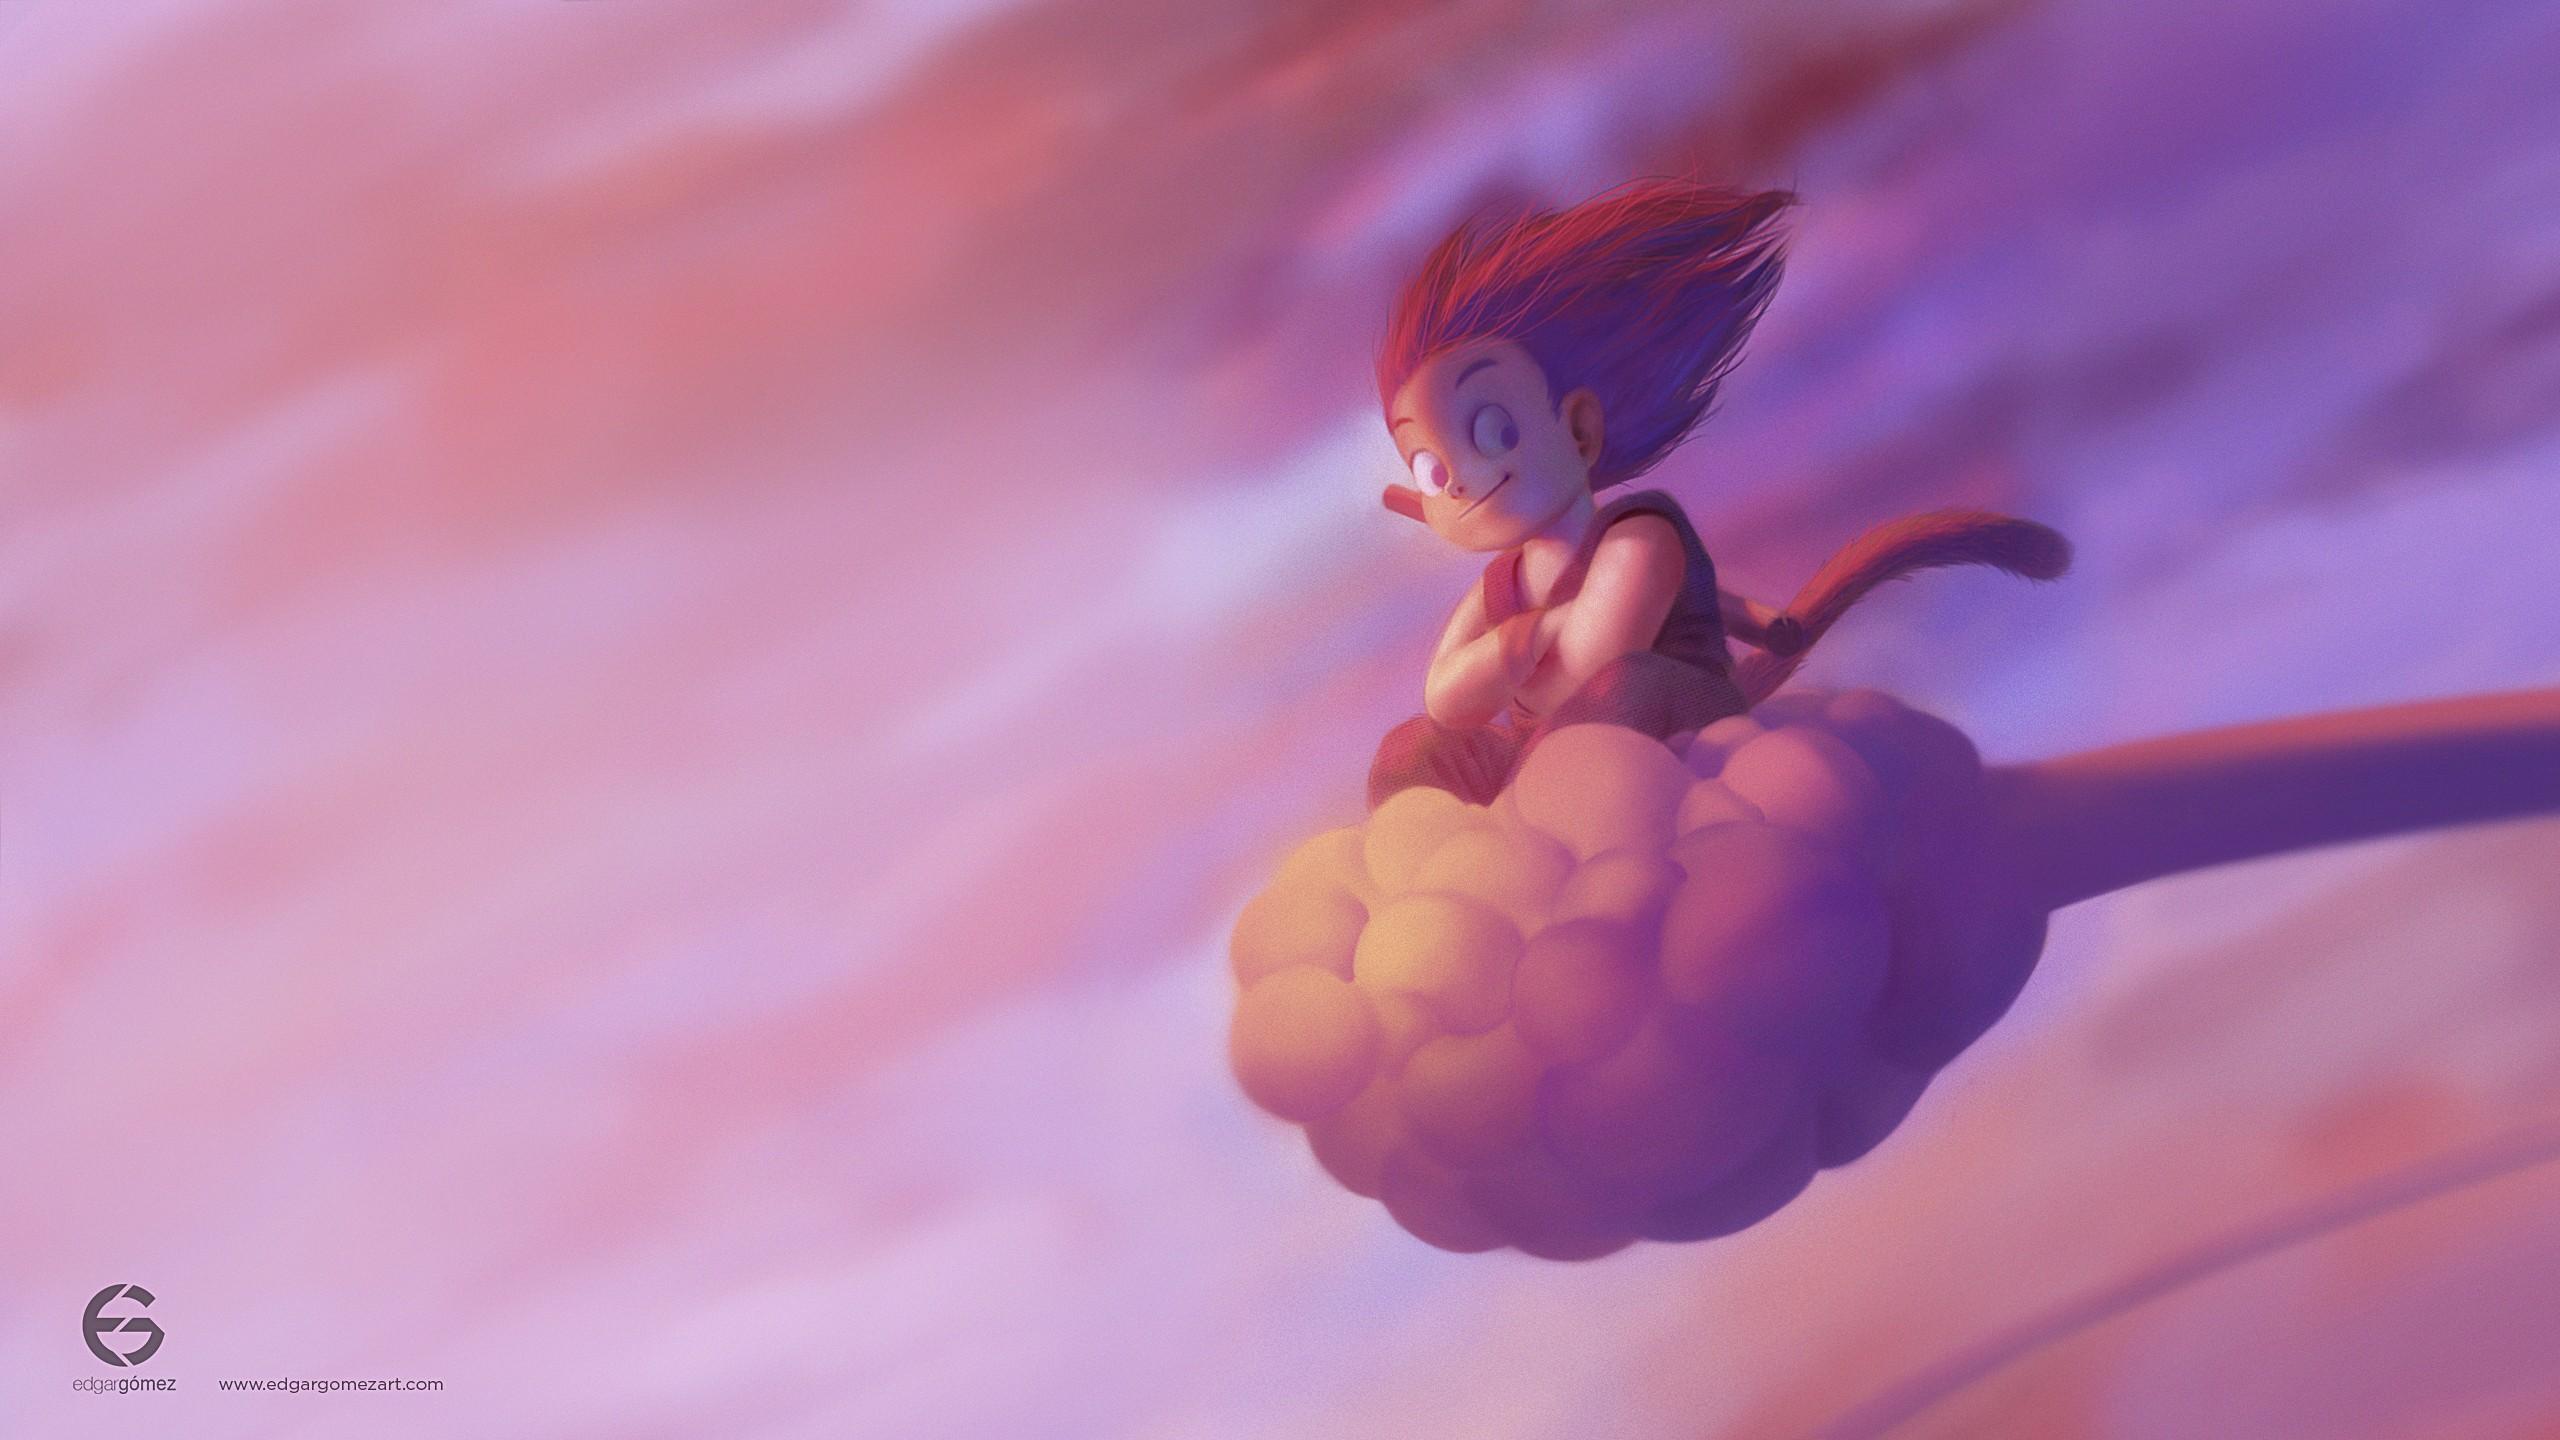 Wallpaper 2560x1440 Px Dragon Ball 2560x1440 Wallhaven